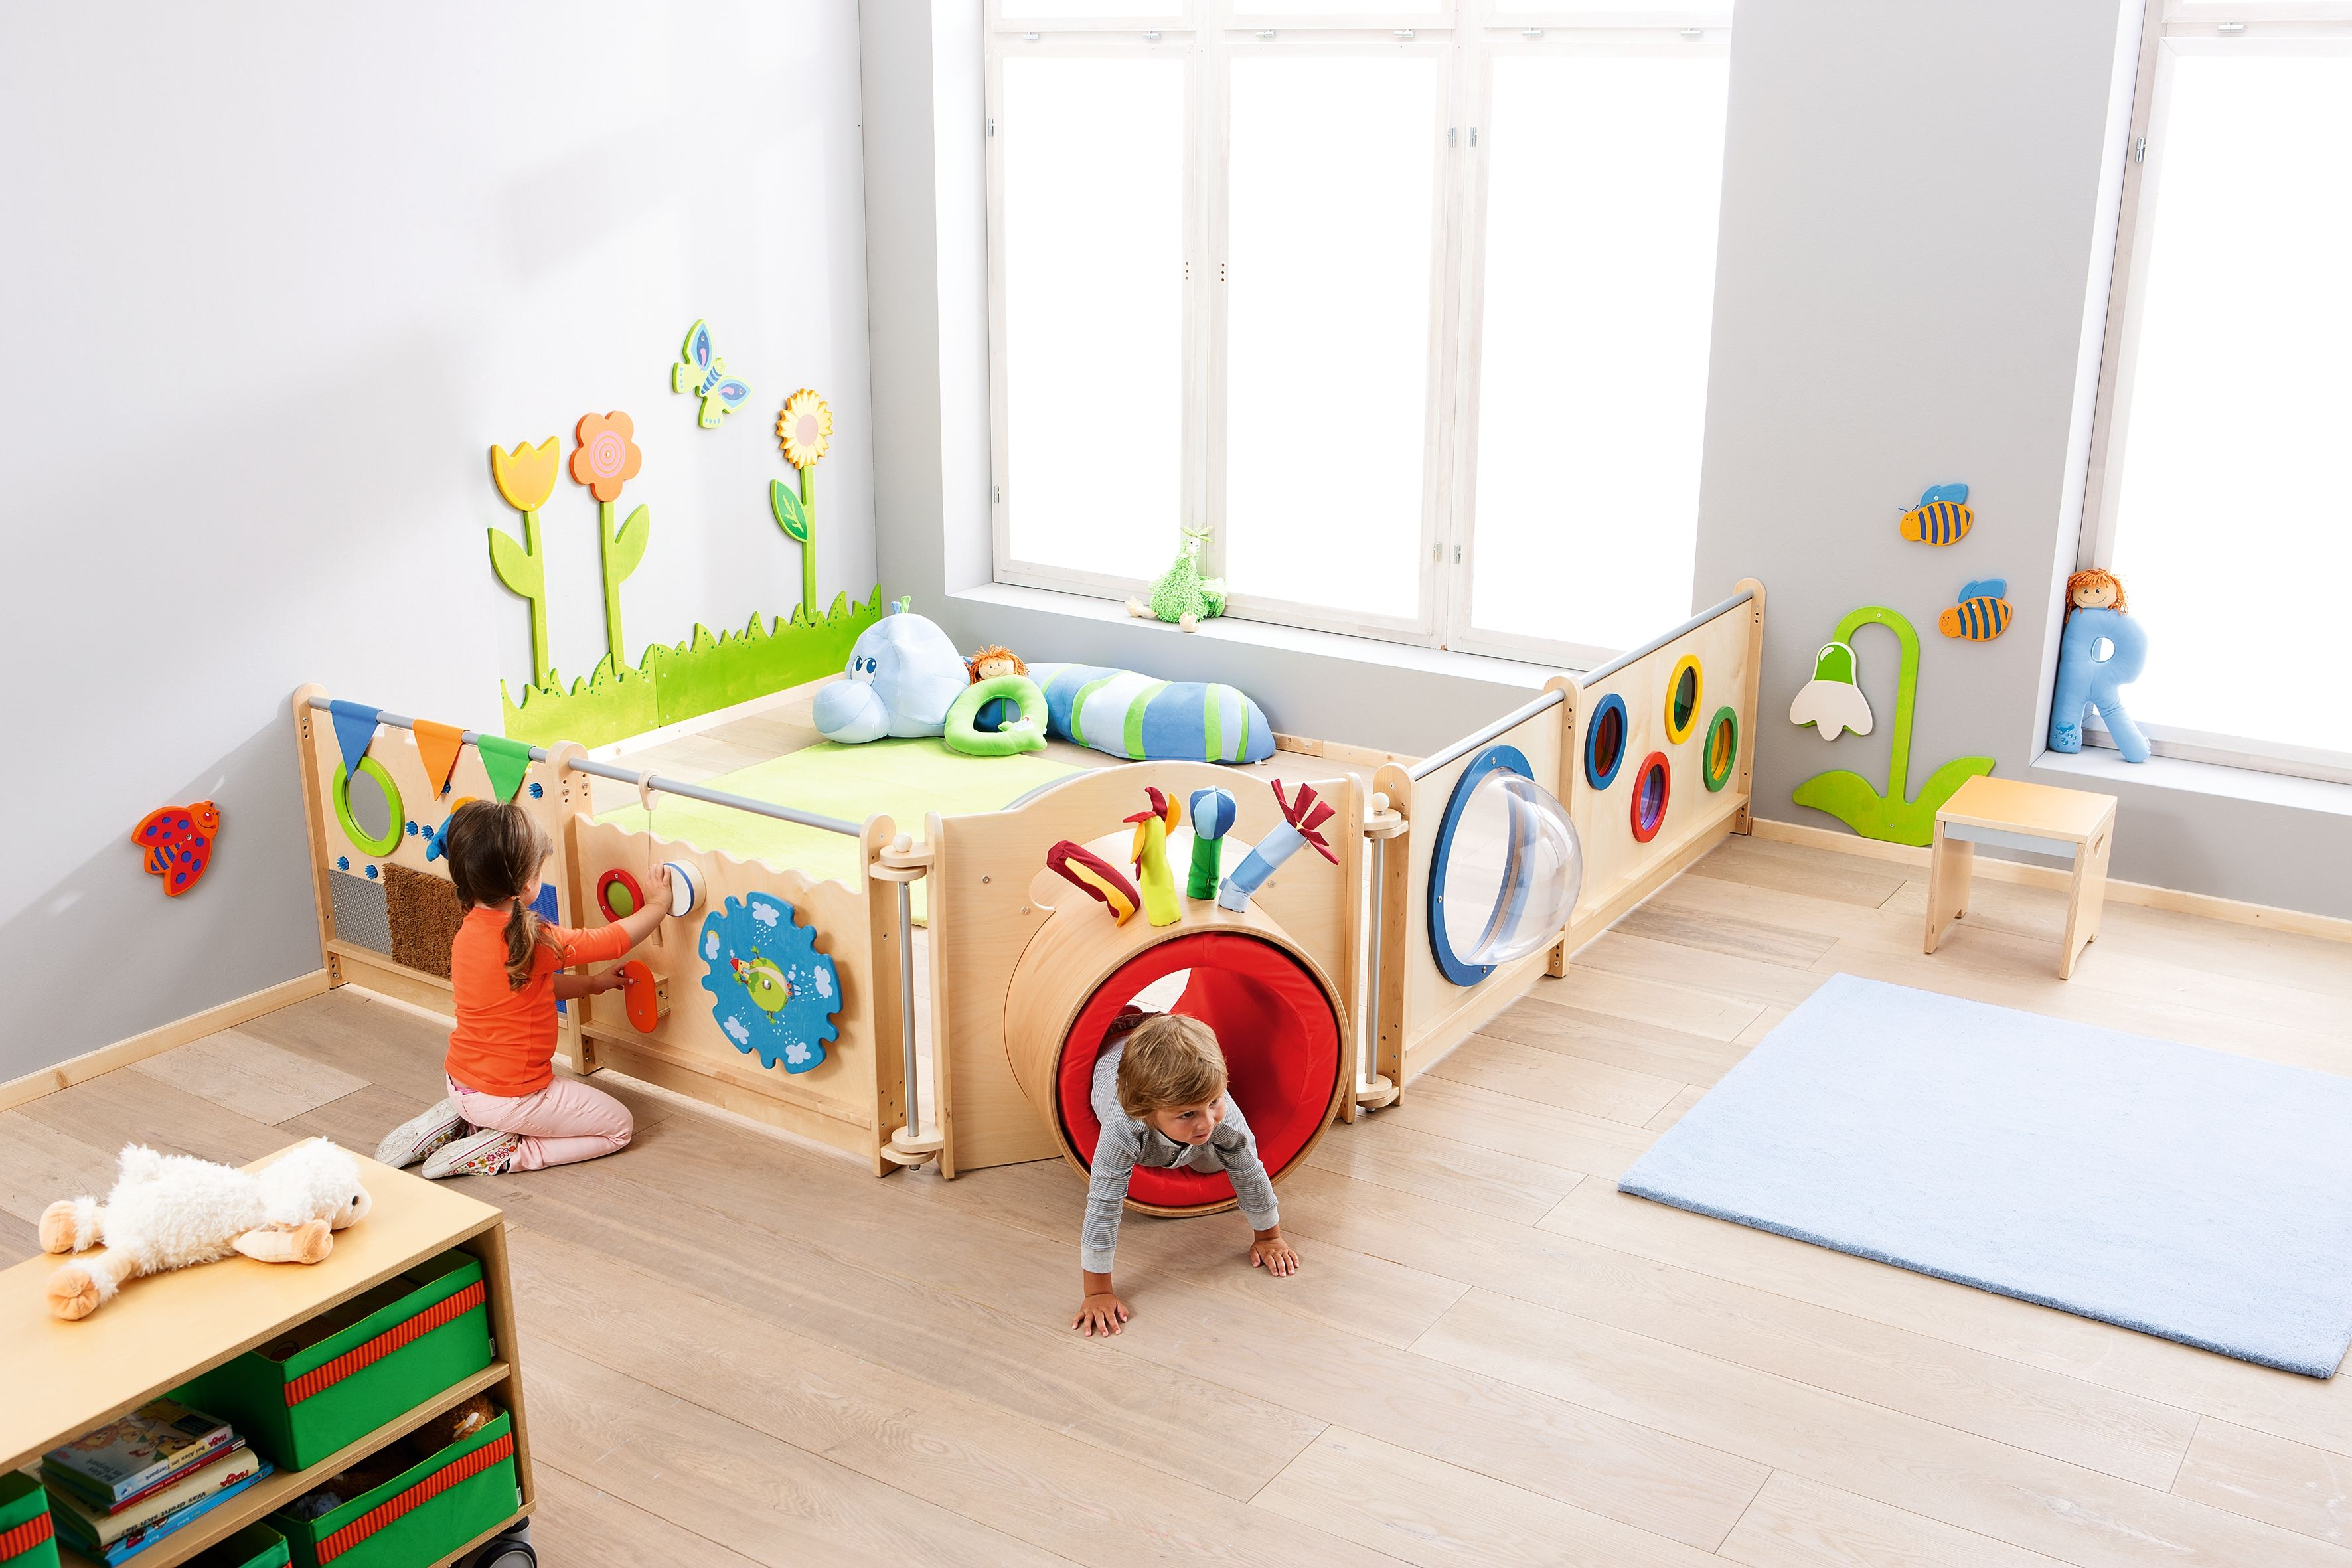 Idee Salle De Jeux Bebe chaque espace est différent, vous pouvez créer le votre